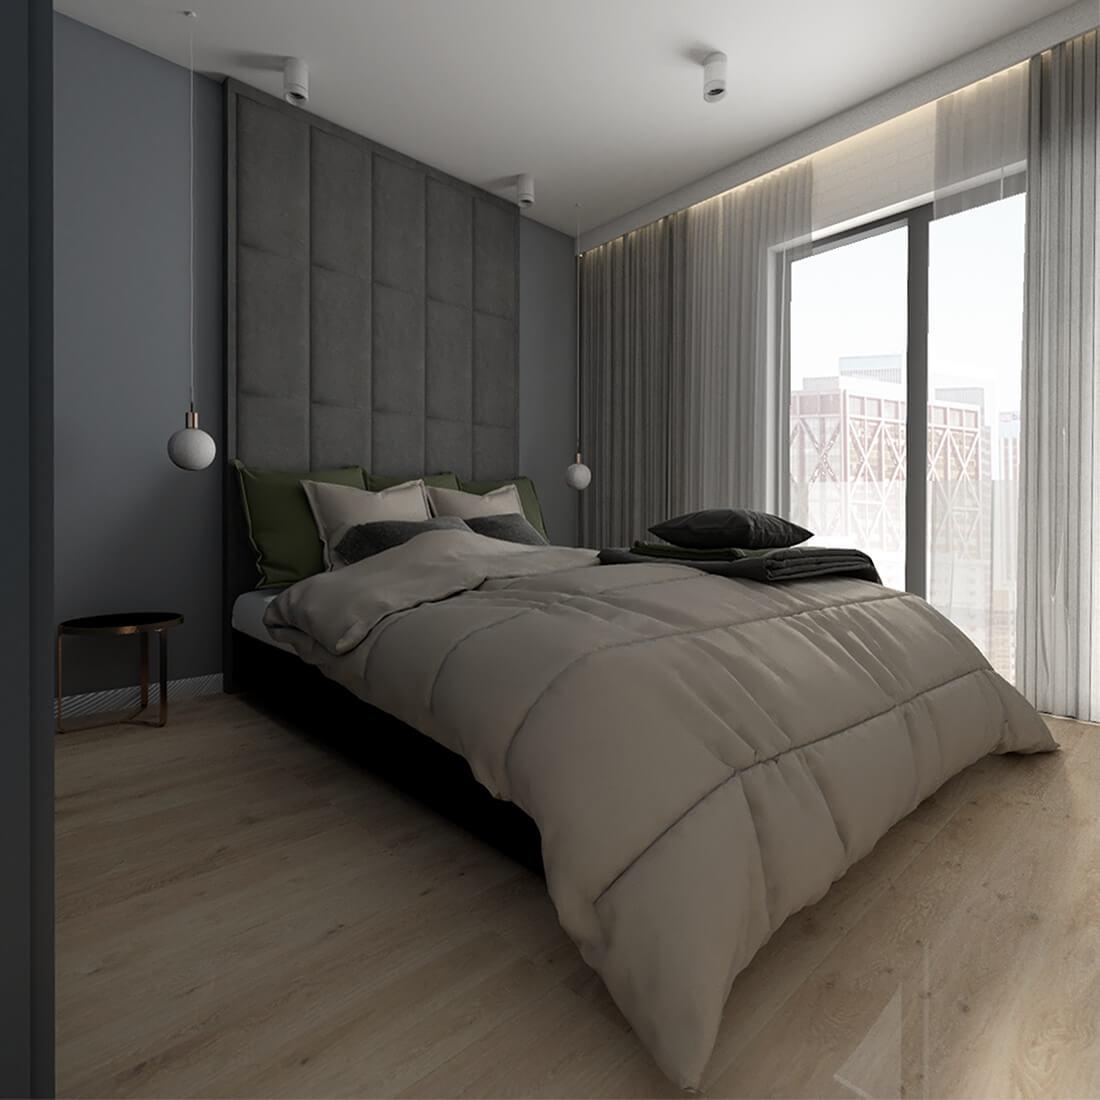 sypialnia główna z tapicerowanym zagłówkiem